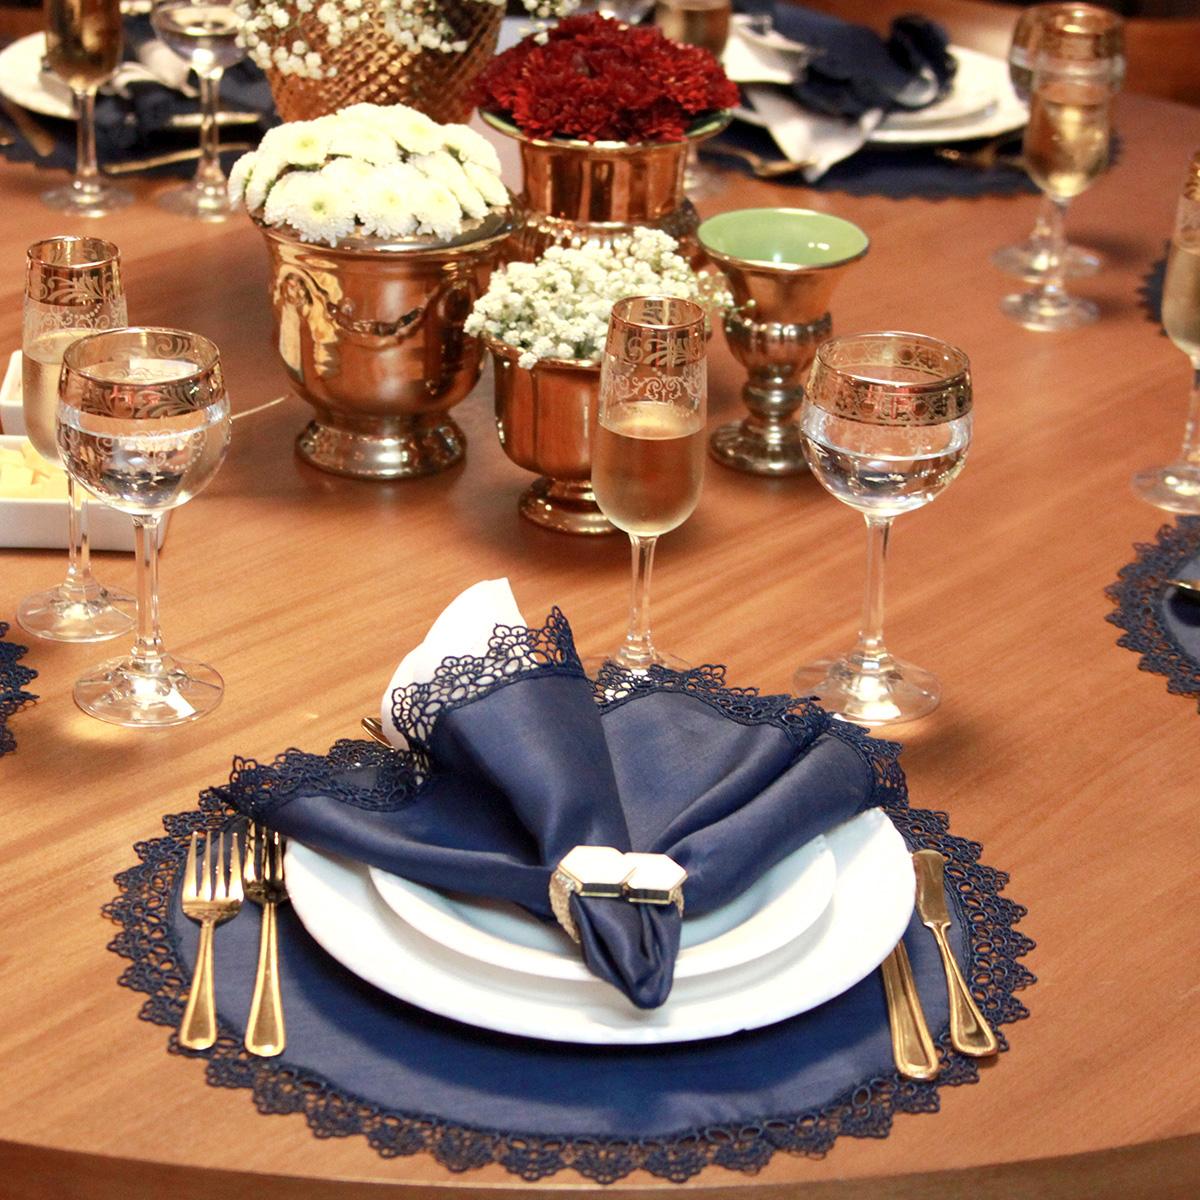 Mesa Posta, Lola Home, Casa Casada, Table set (4)